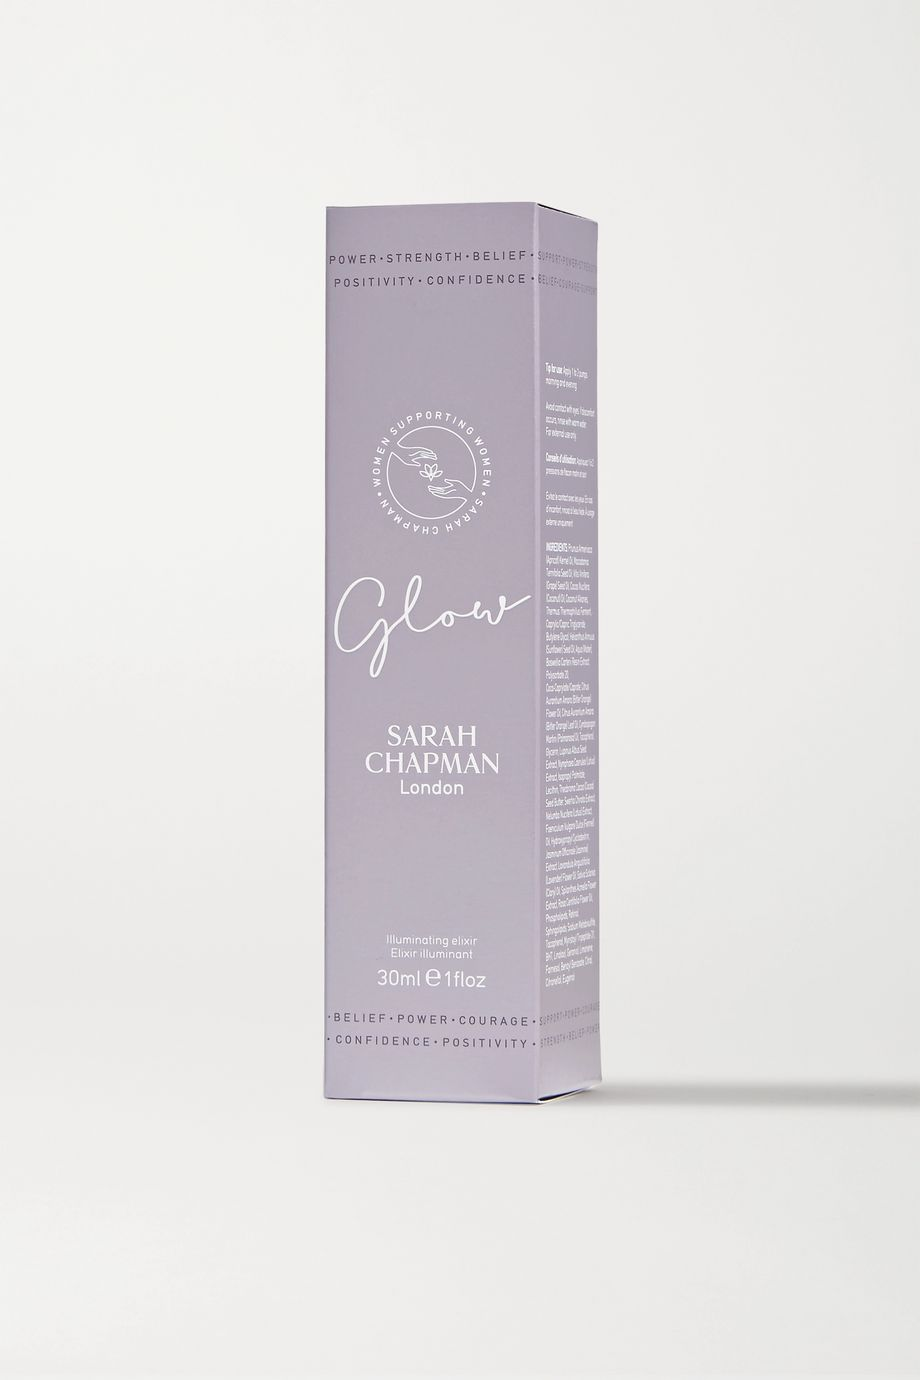 Sarah Chapman Glow Illuminating Elixir, 30ml